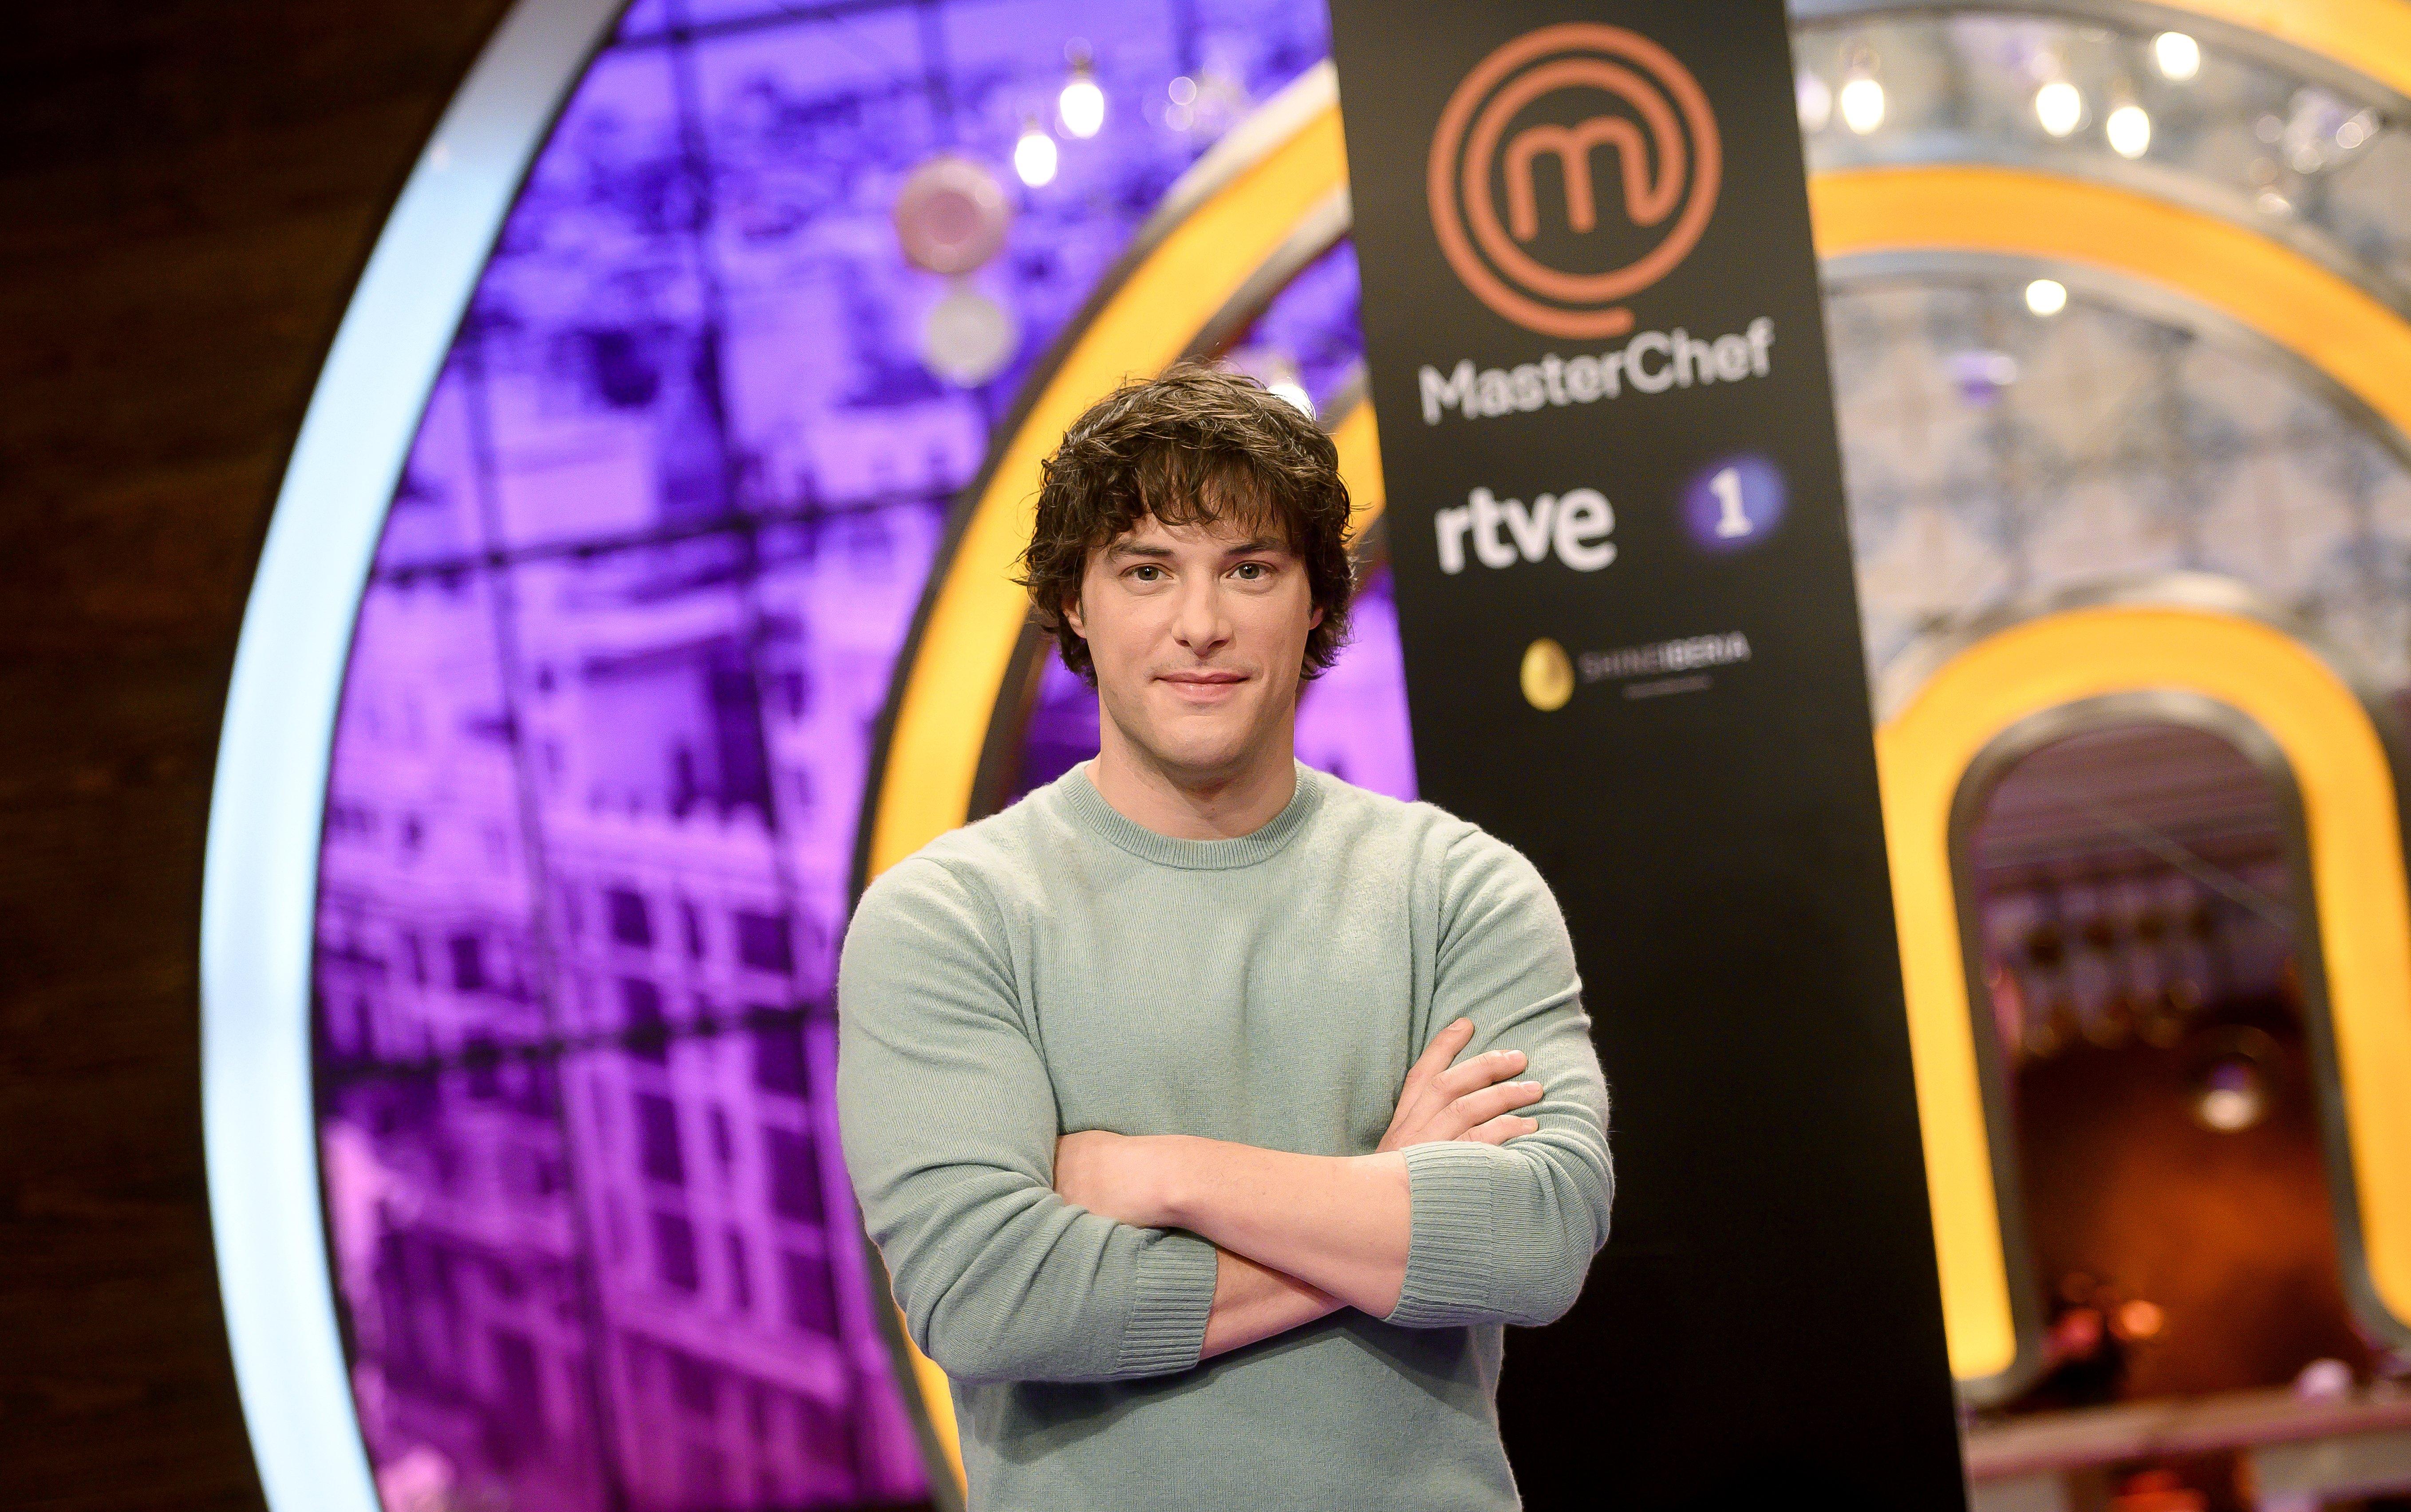 Jordi Cruz en la presentación de MasterChef 7 en RTVE en marzo de 2019 || Fuente: Getty Images